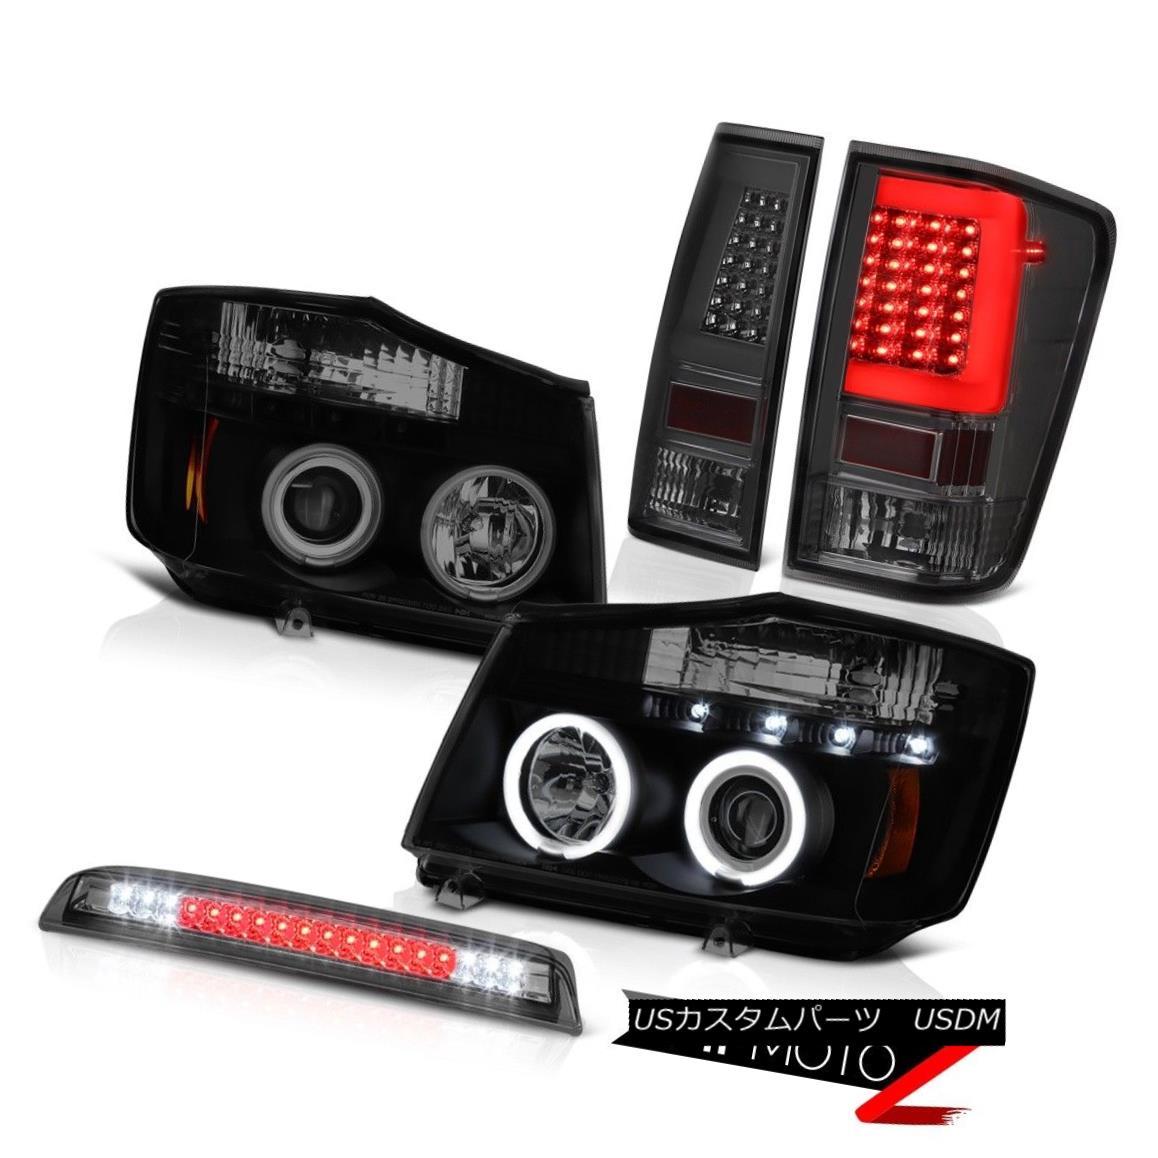 テールライト 2004-2014 For Nissan Titan Smokey Third Brake Rear Projector Head Lights L+R Set 2004-2014日産タイタンスモーキー第3ブレーキリアプロジェクターヘッドライトL + Rセット